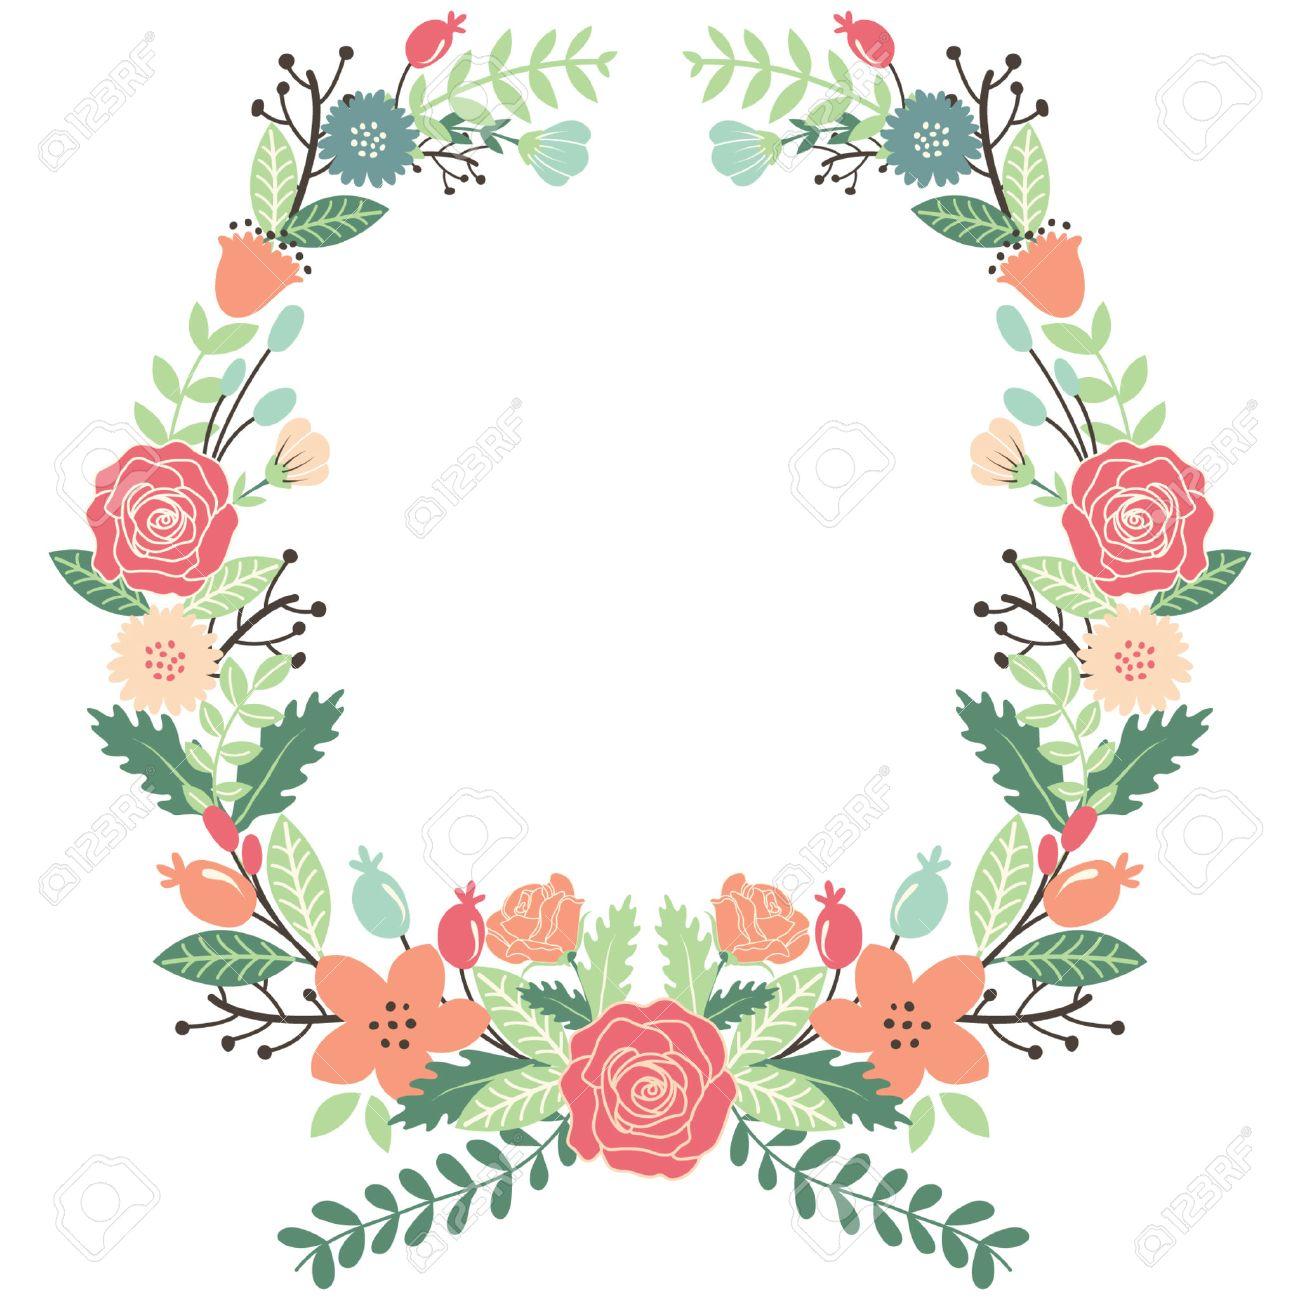 Vintage Floral Wreath Clipart.